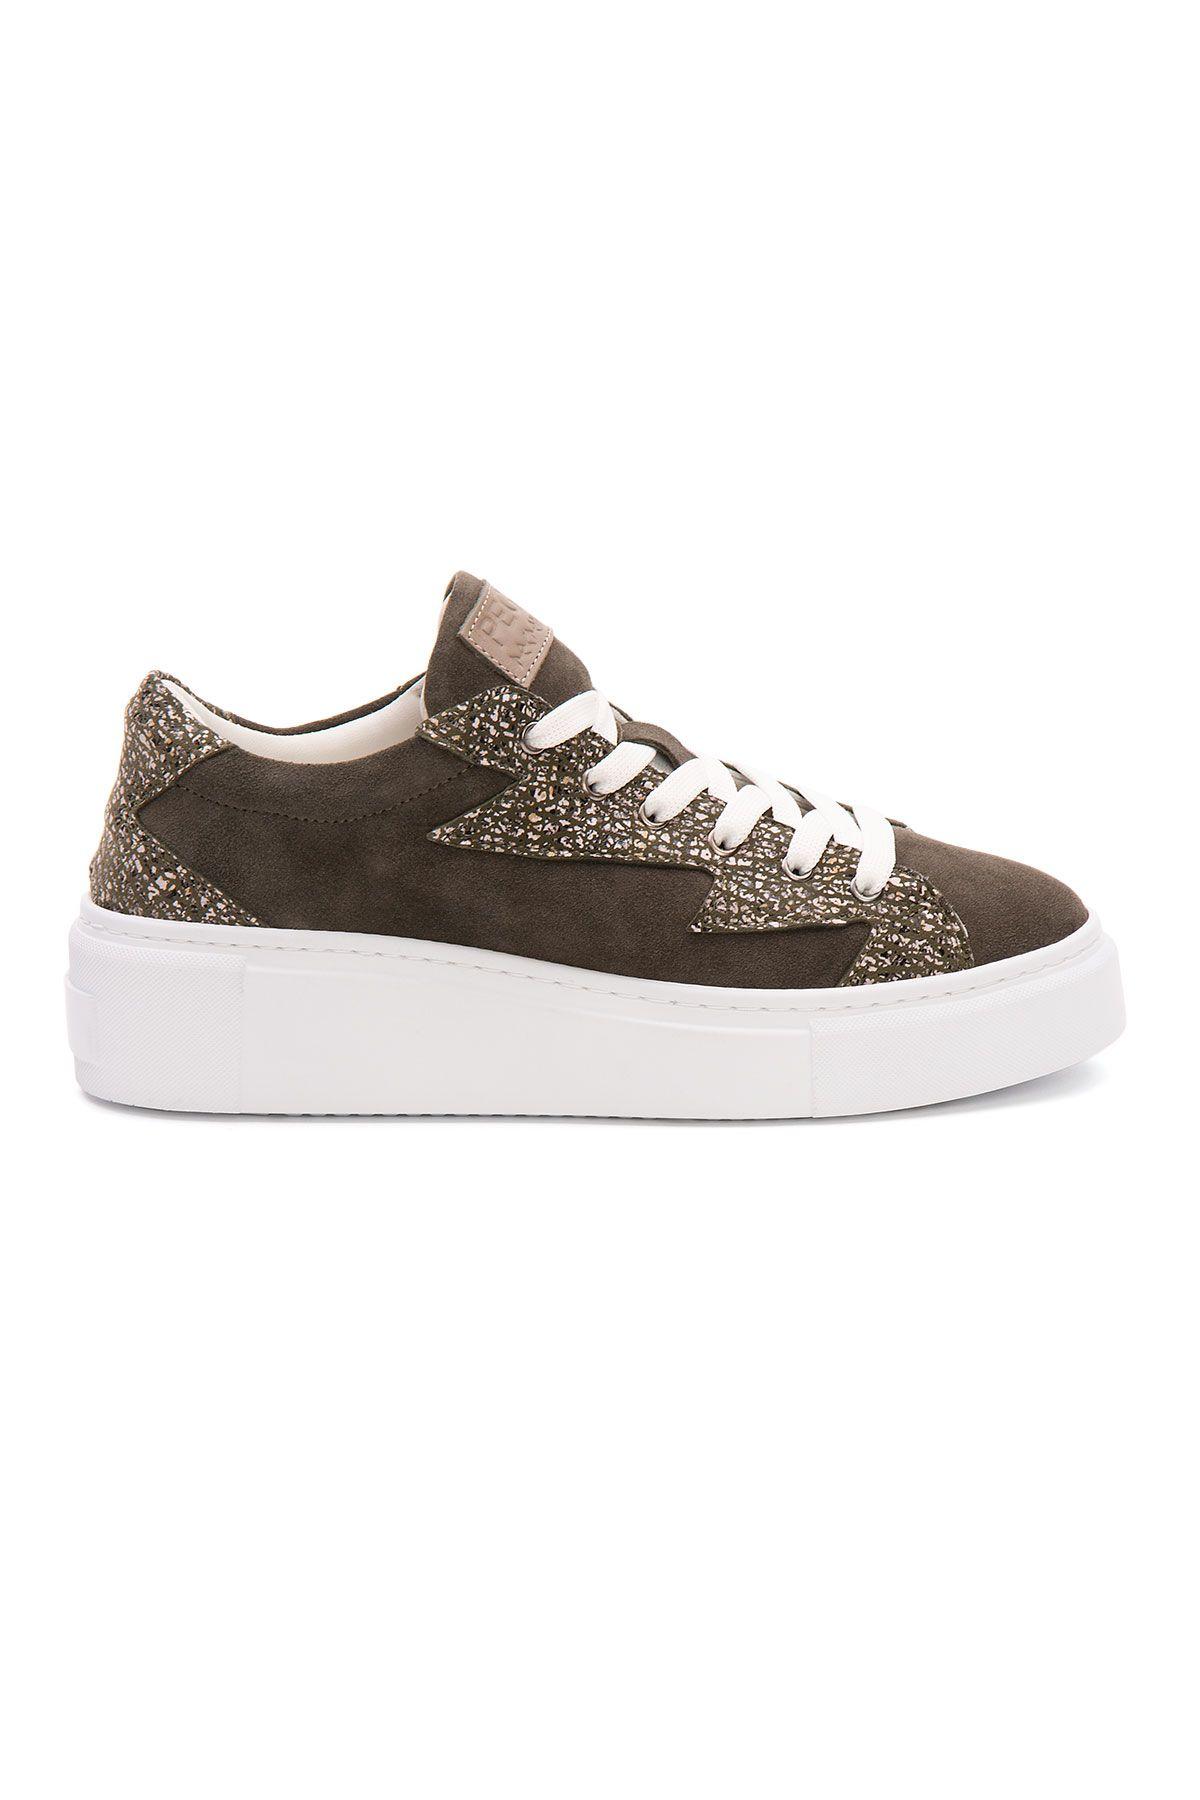 Pegia Genuine Leather Women's Sneaker LA1529 Visone